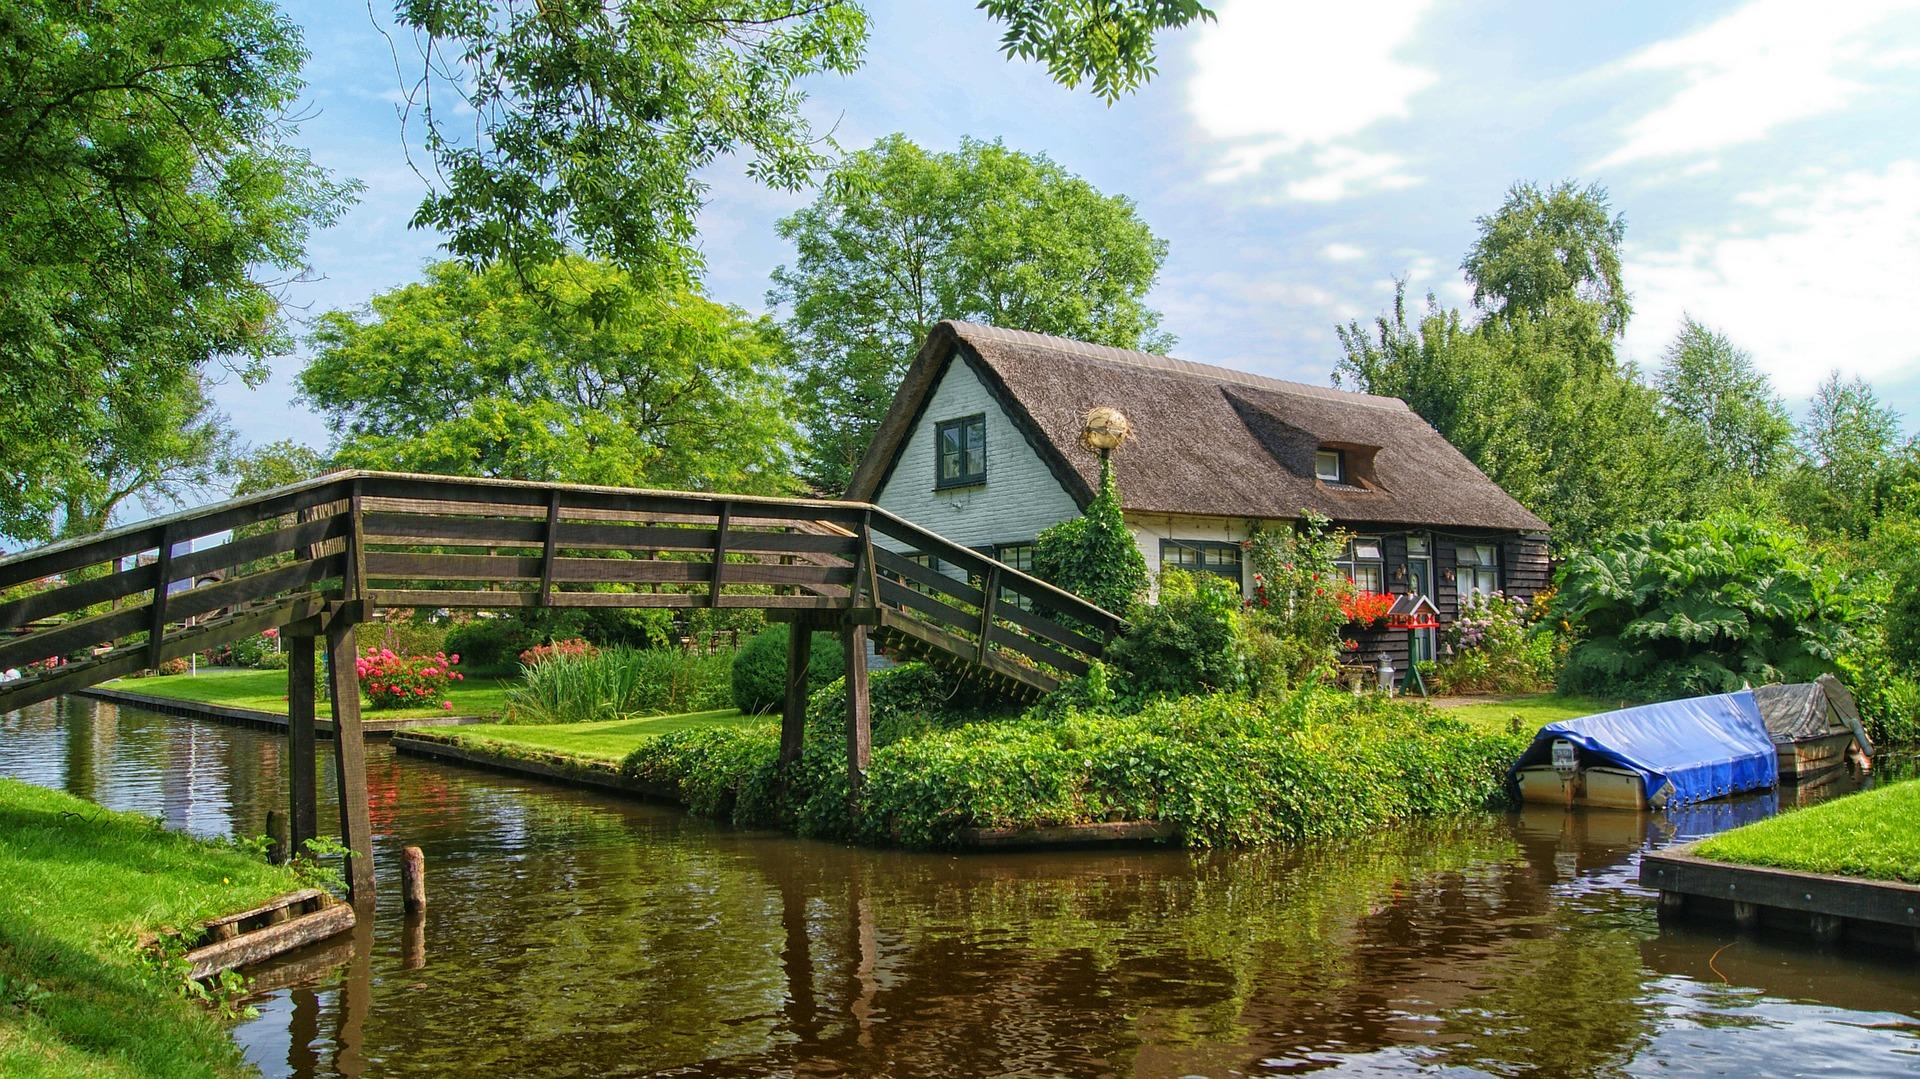 paese sull'acqua in olanda